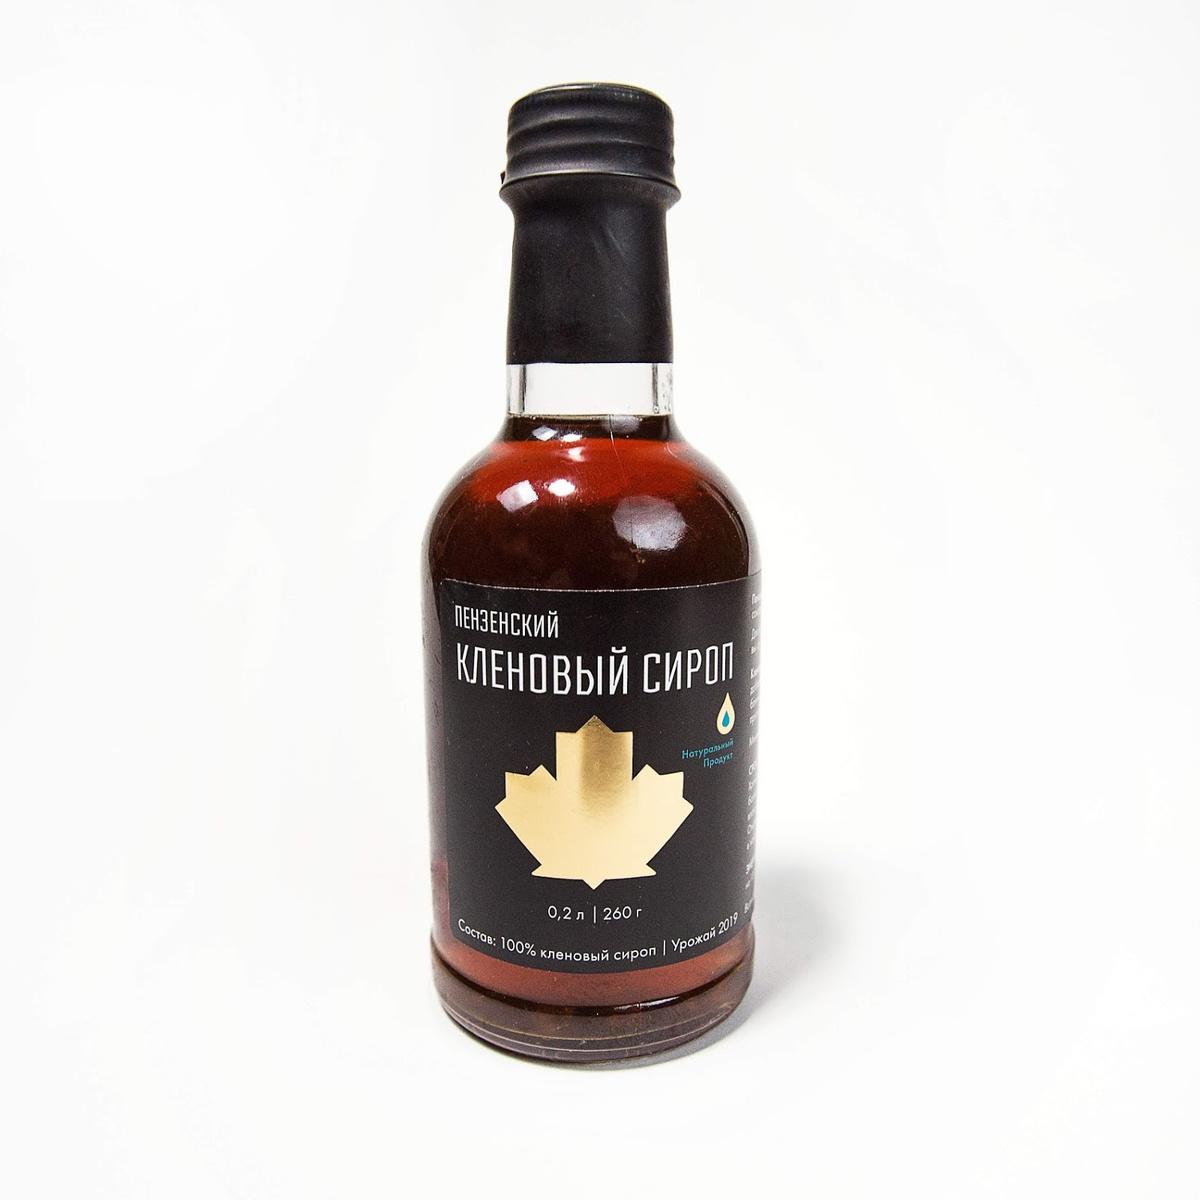 Пензенский кленовый сироп, 200мл/260г #1